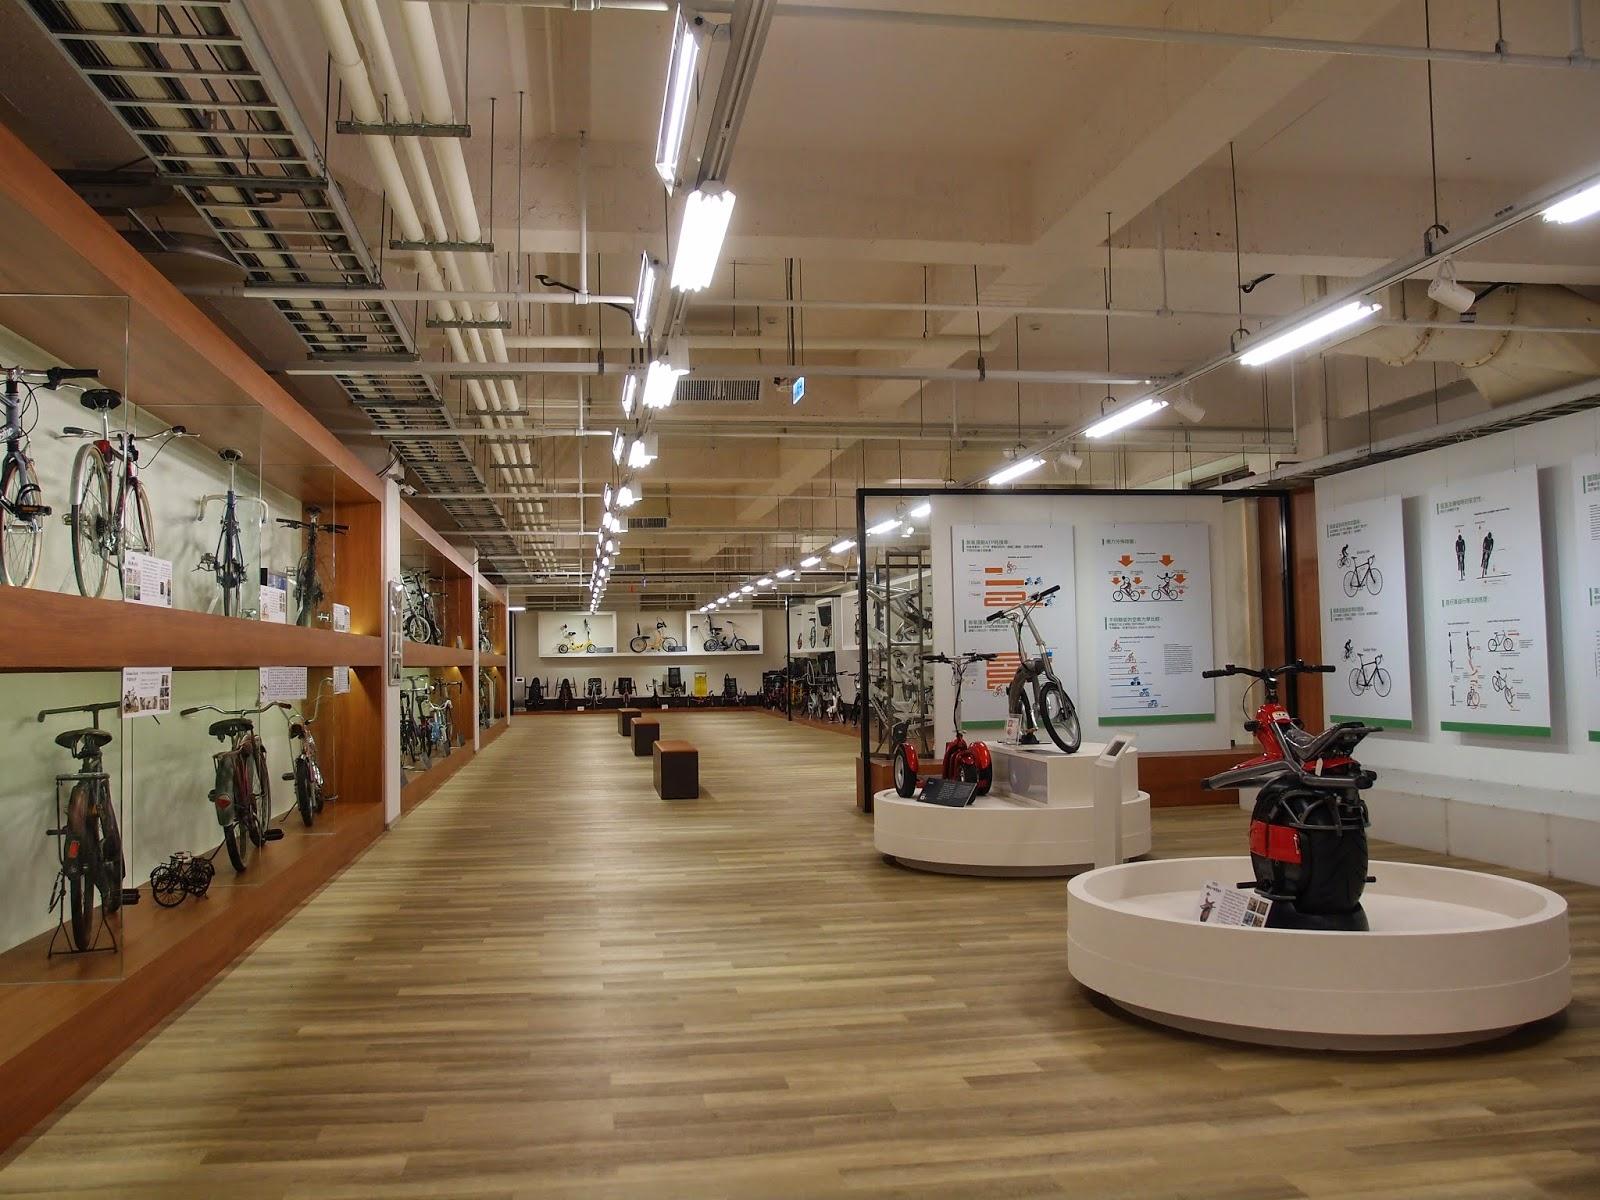 太平洋自行车博物馆